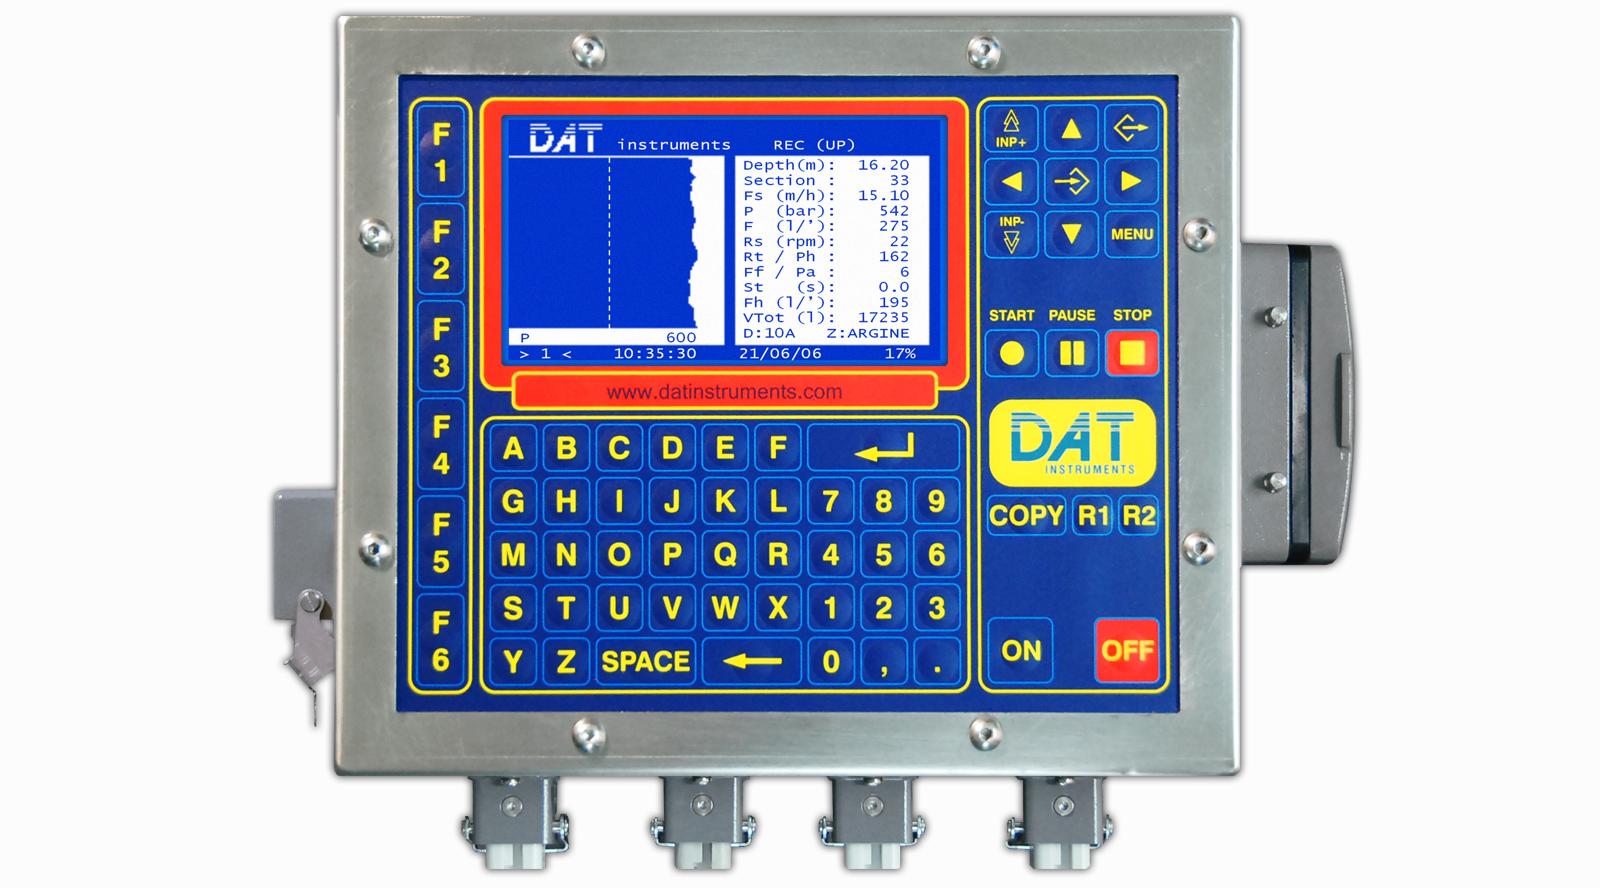 Los datalogger DAT instruments montados en todas las perforadoras